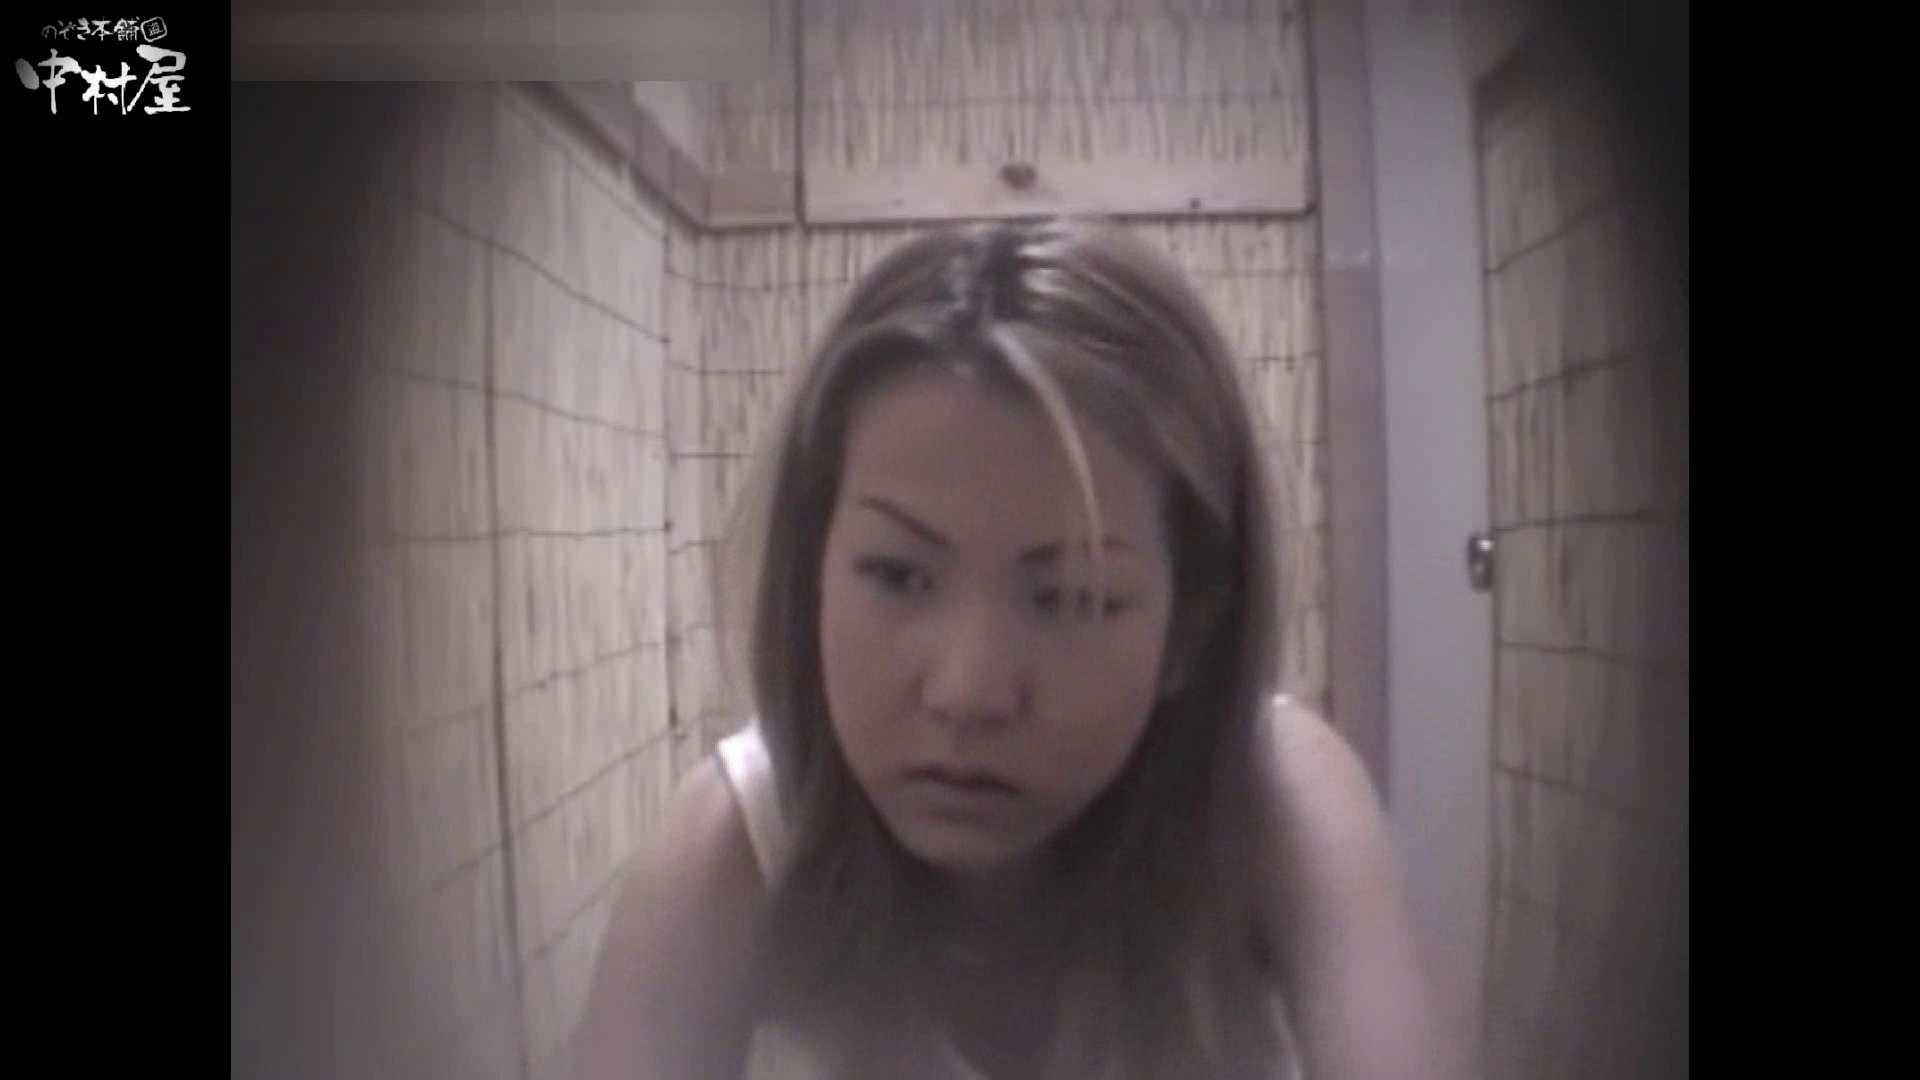 解禁!海の家4カメ洗面所vol.47 人気シリーズ | エロギャル  84画像 6